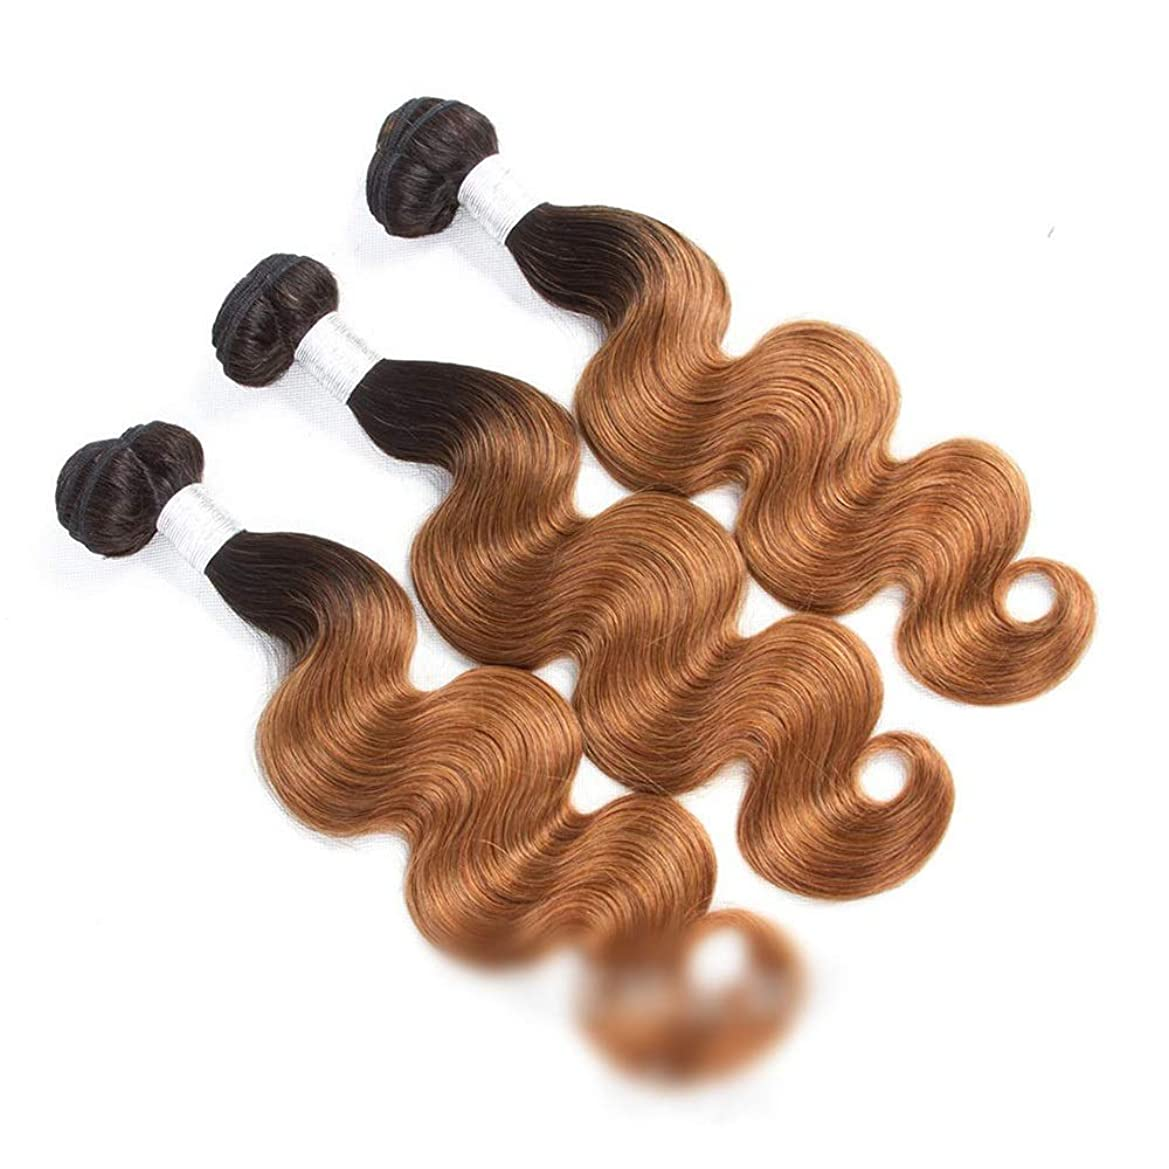 不機嫌そうな判決時系列BOBIDYEE 人毛エクステンションボディウェーブよこ糸1B / 30 2トーンカラー(10インチ-26インチ、110g)ロングストレートウィッグウィッグ (色 : ブラウン, サイズ : 16 inch)